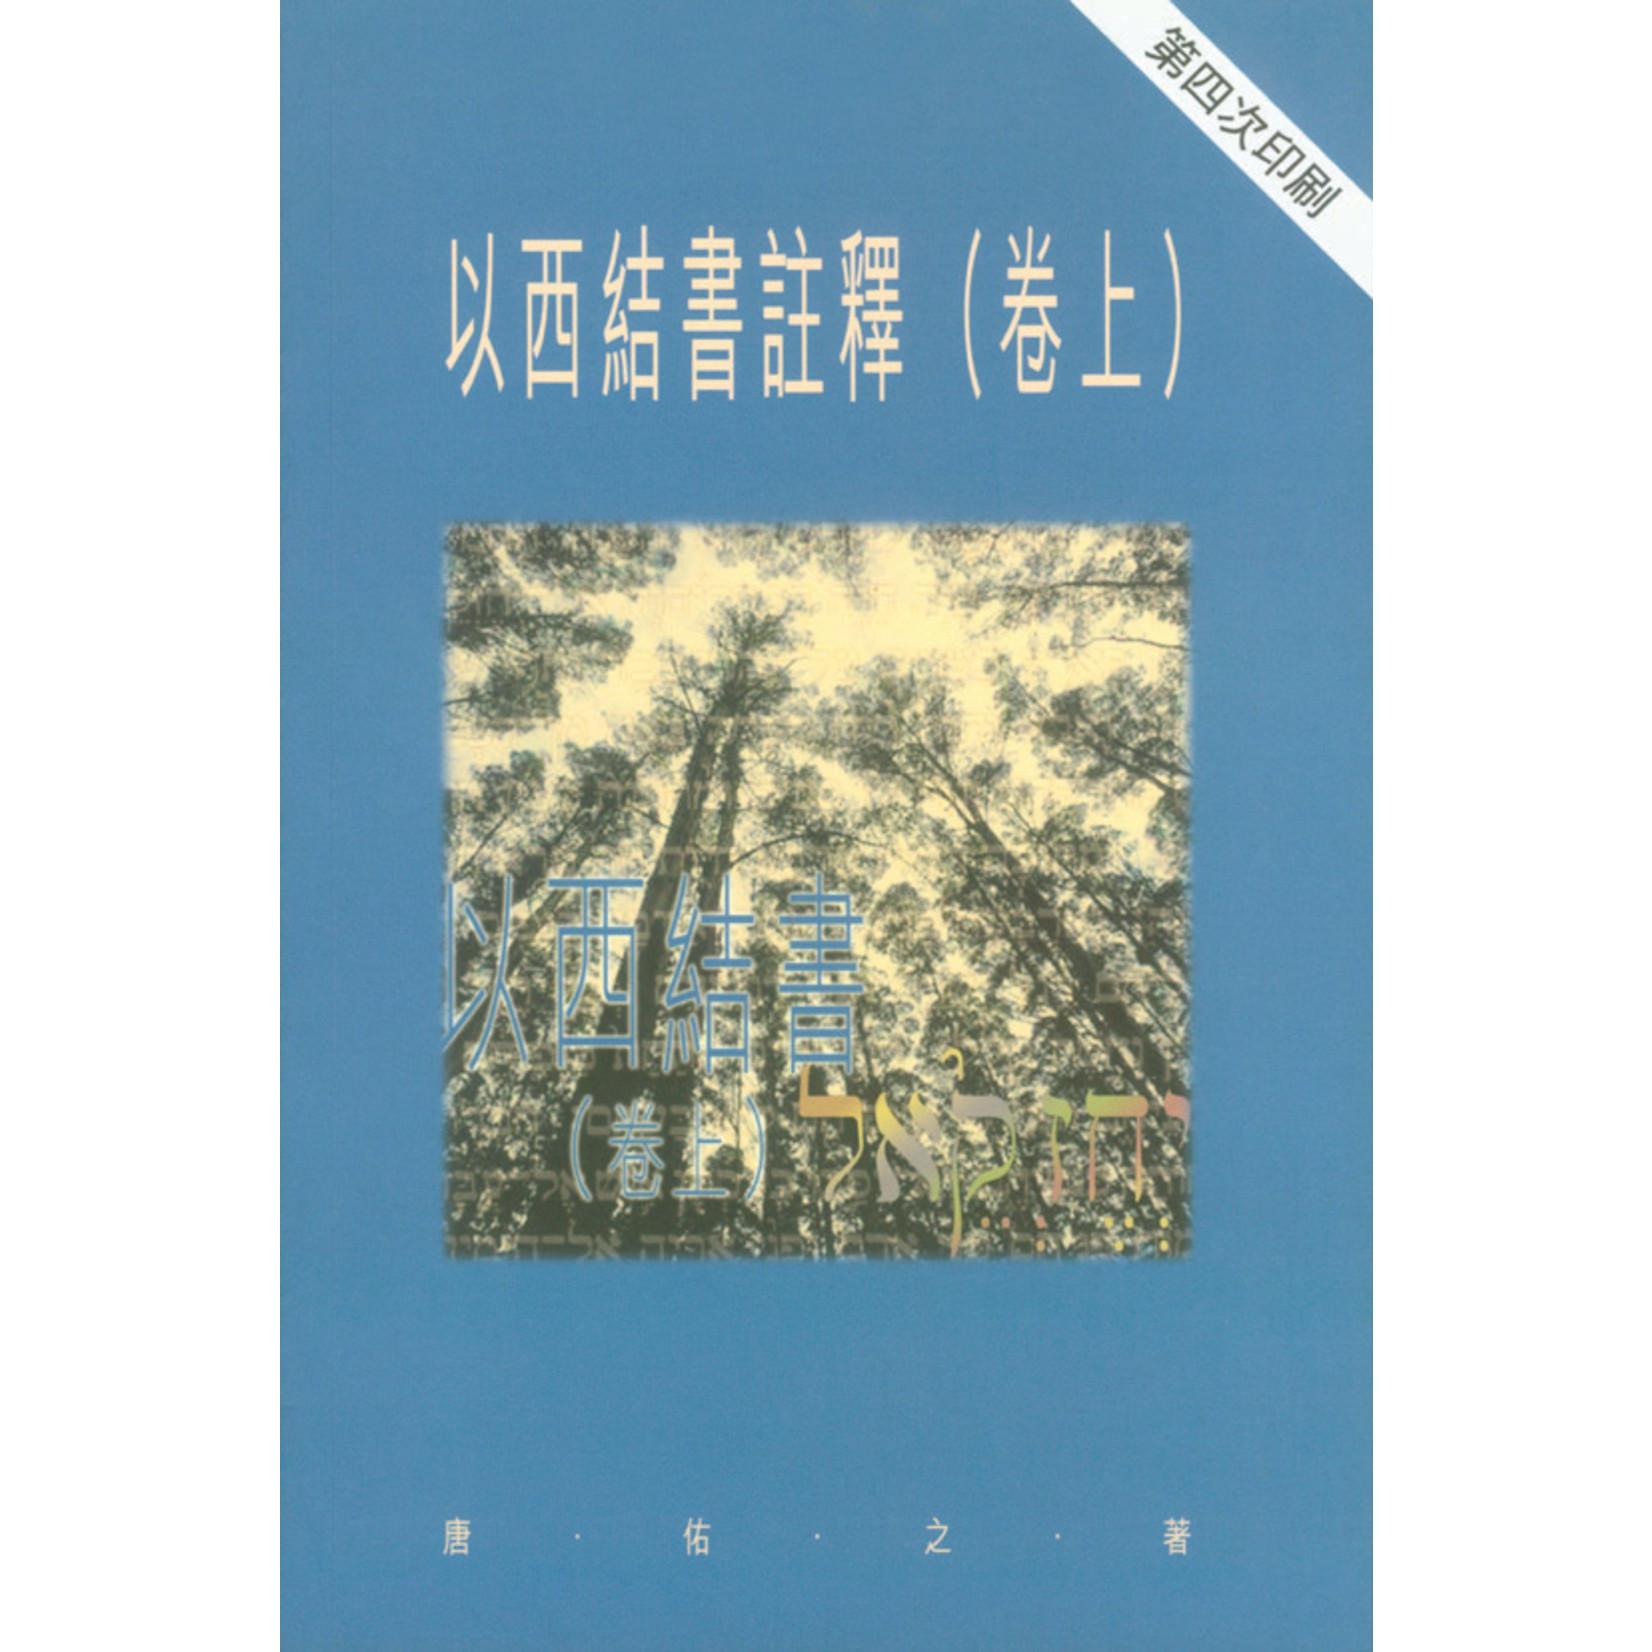 天道書樓 Tien Dao Publishing House 聖經研究叢書:以西結書註釋(卷上)